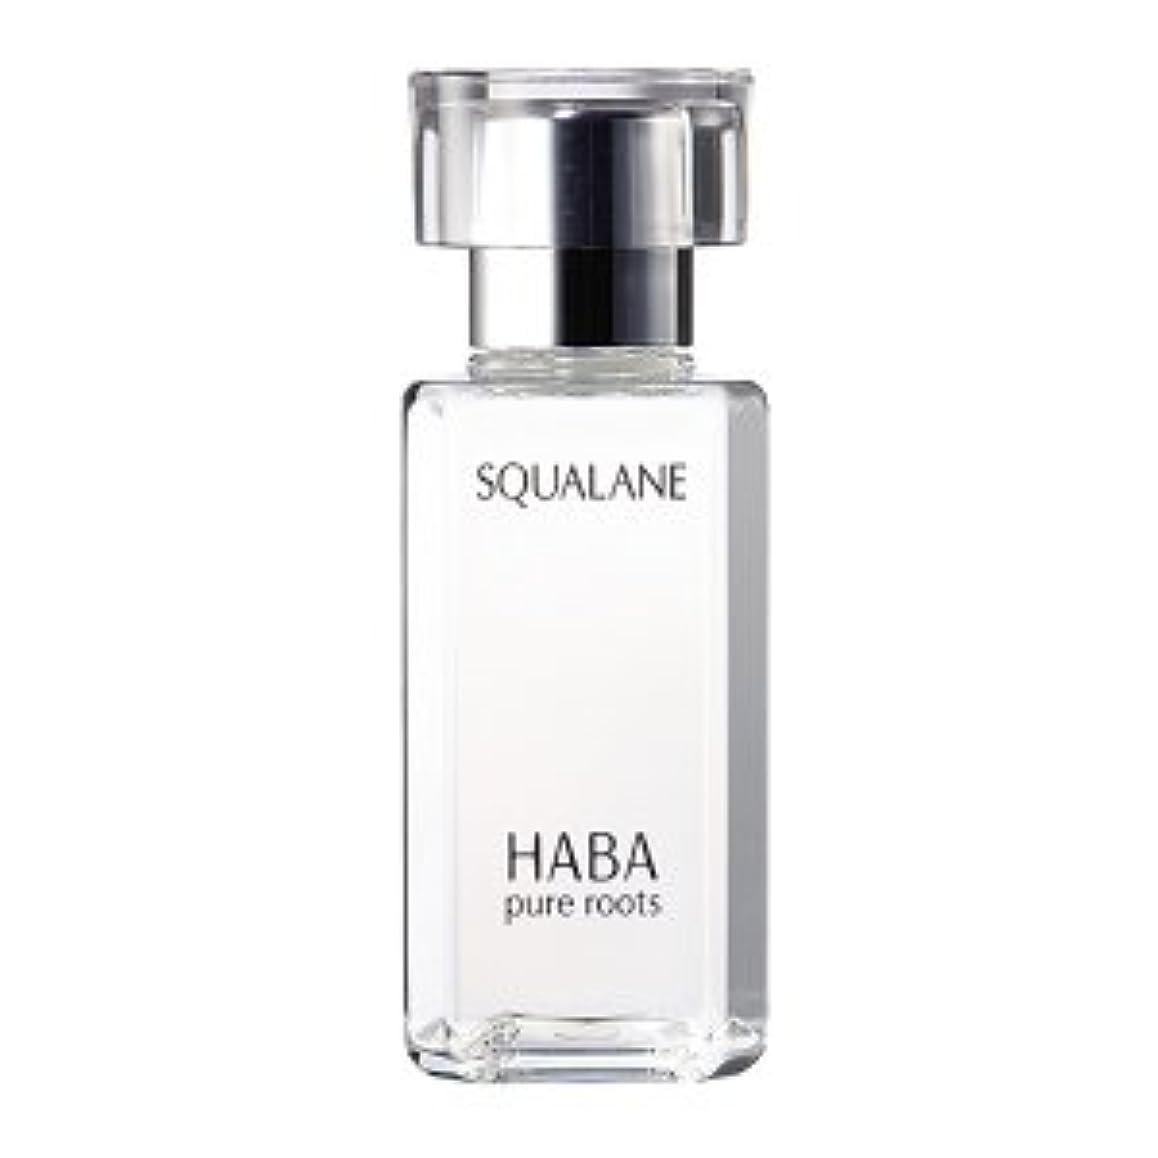 小麦粉病免疫高品位スクワラン 60ml HABA ハーバー